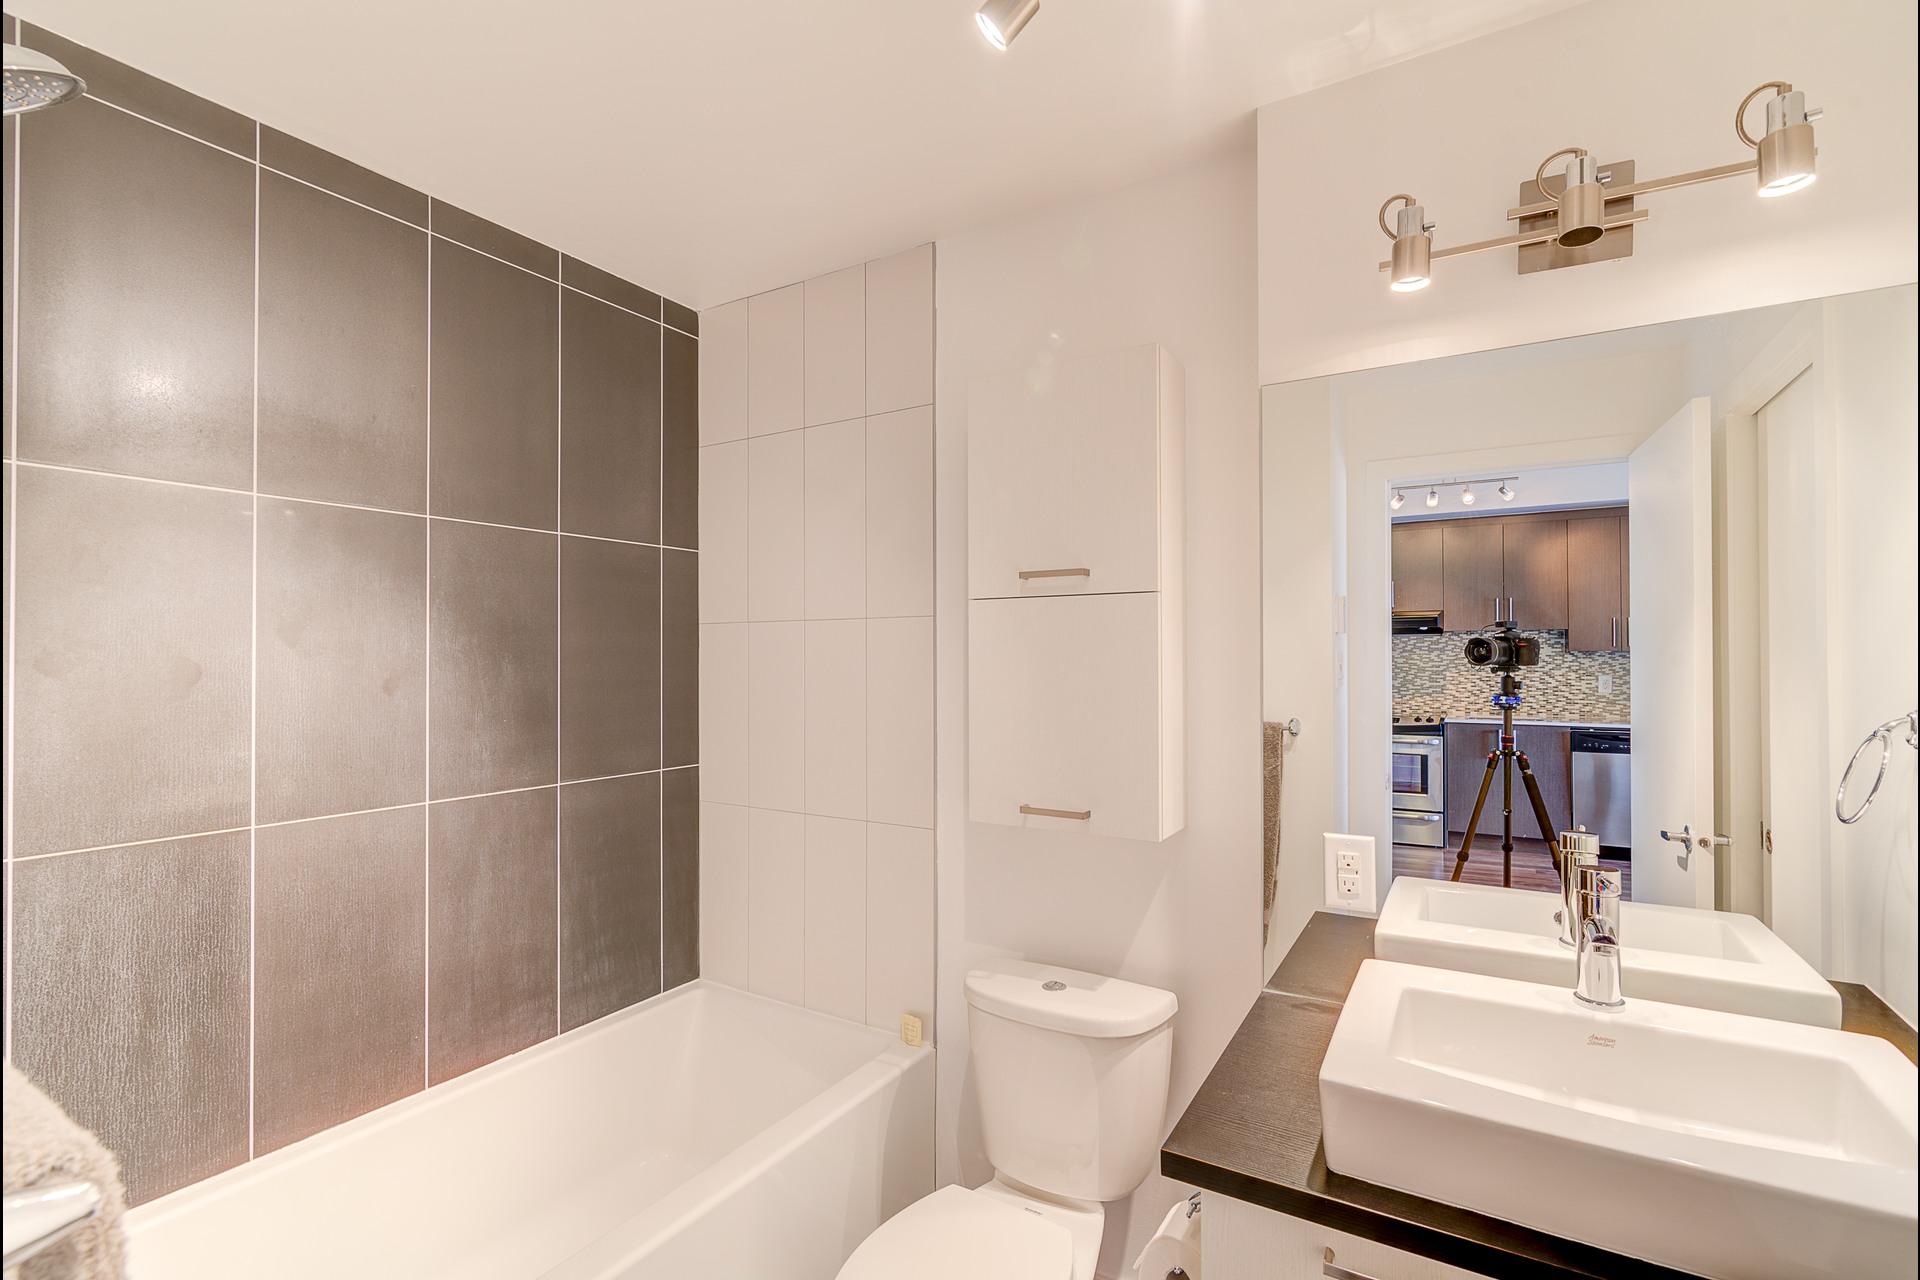 image 14 - MX - Condominio vertical - MX Para alquiler Montréal - 3 habitaciones